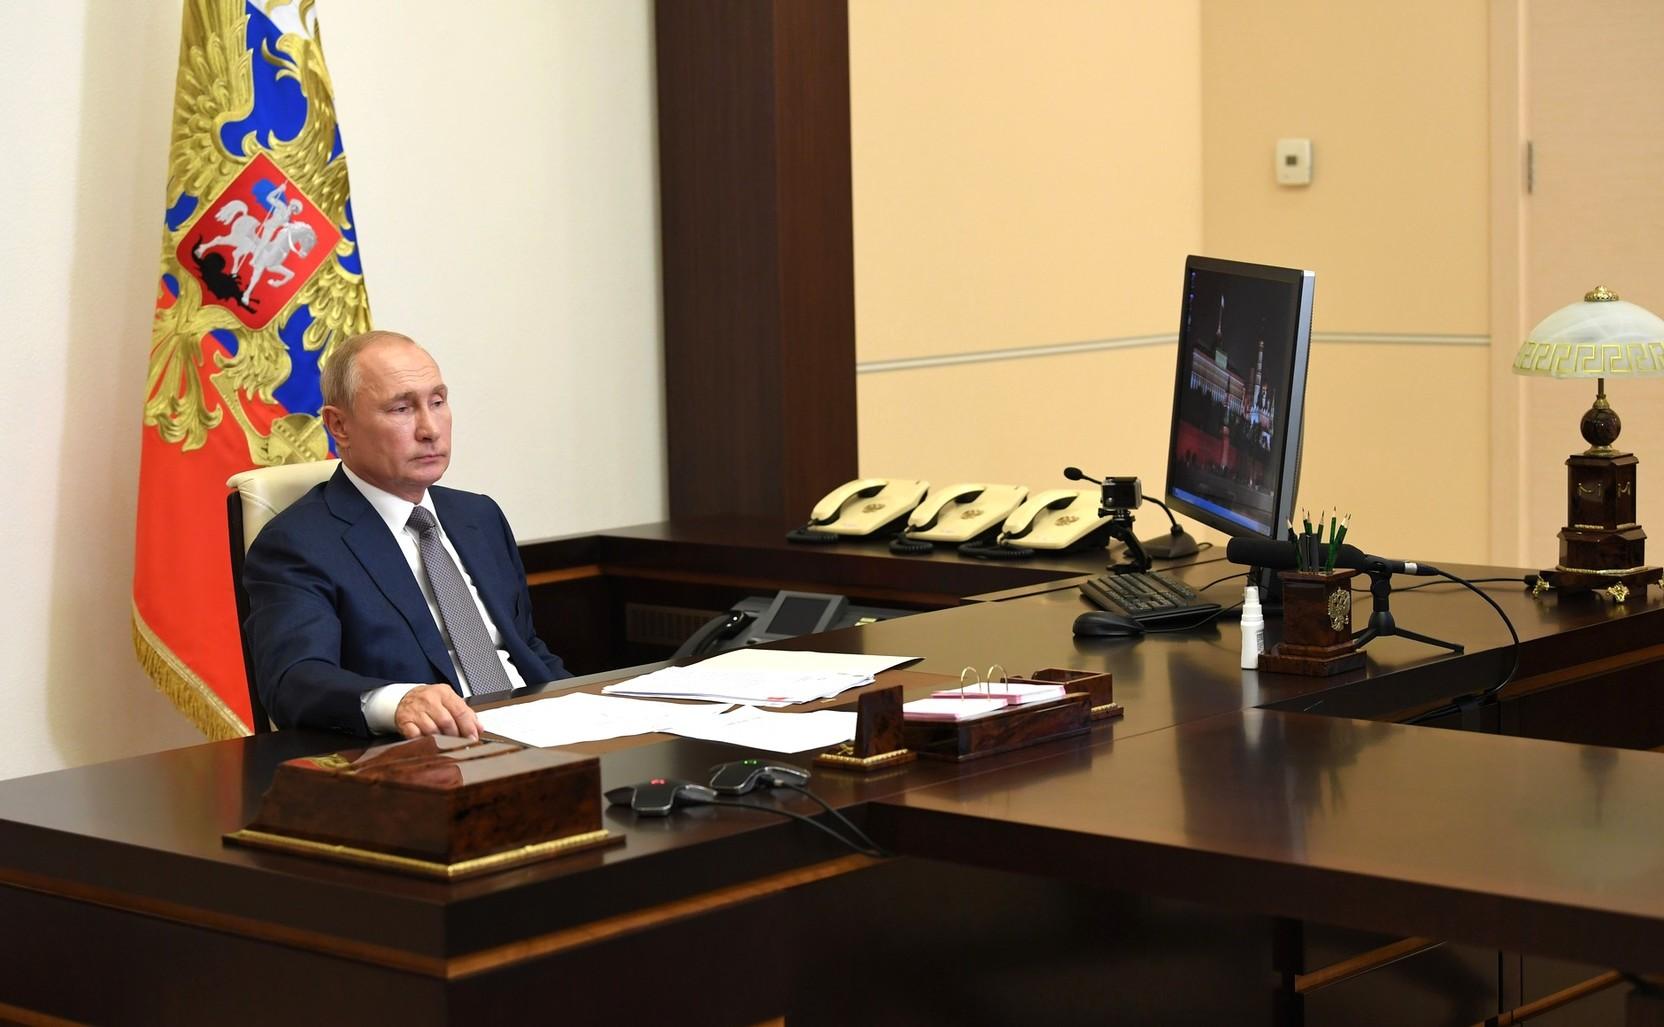 Бедность и безработица. Путин назвал главные риски в мире